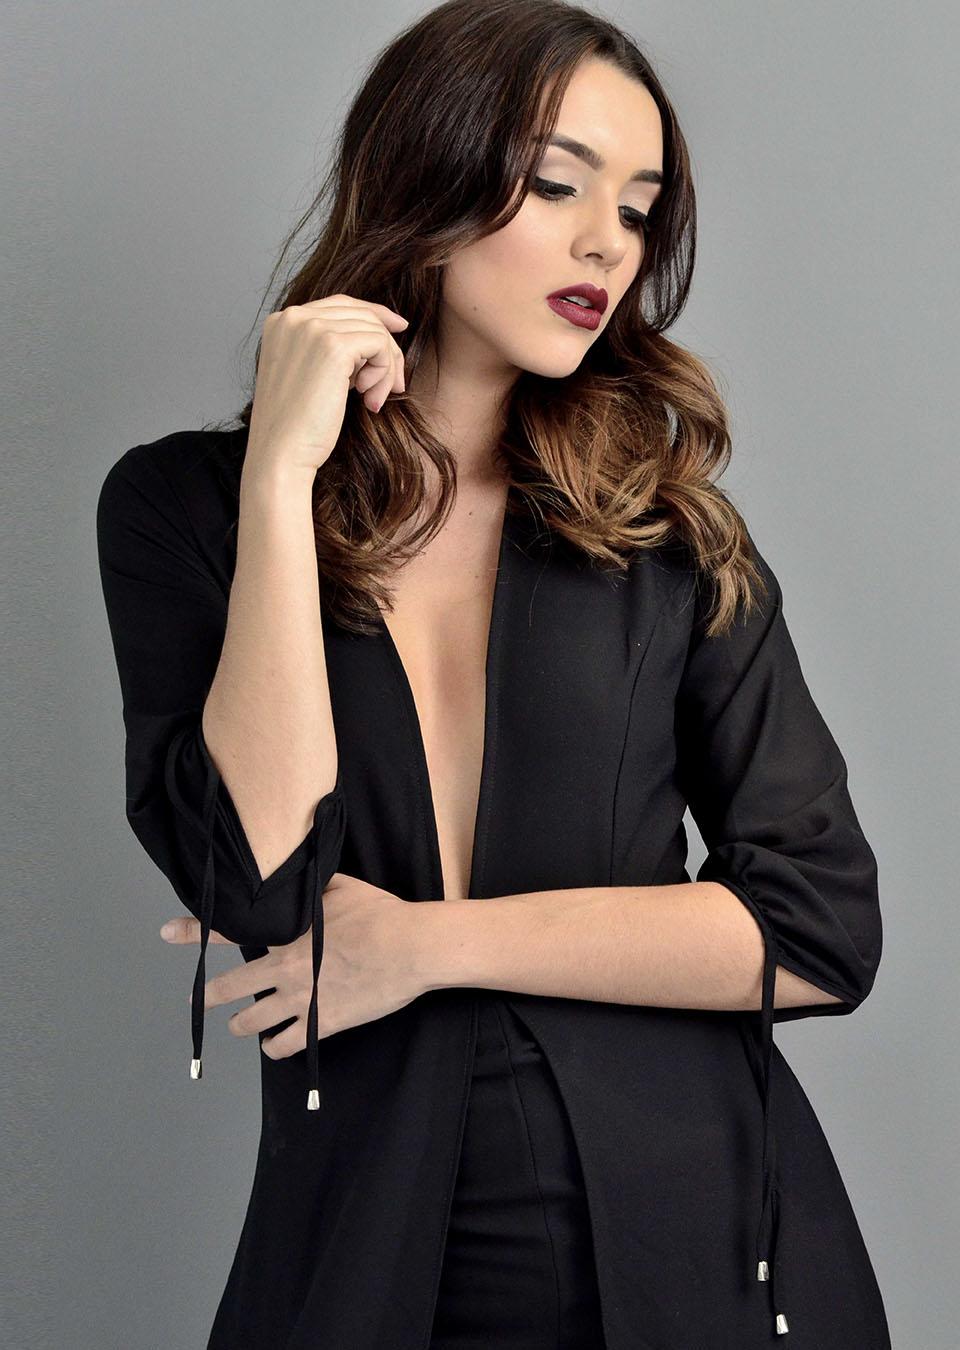 camila gutierrez (10)